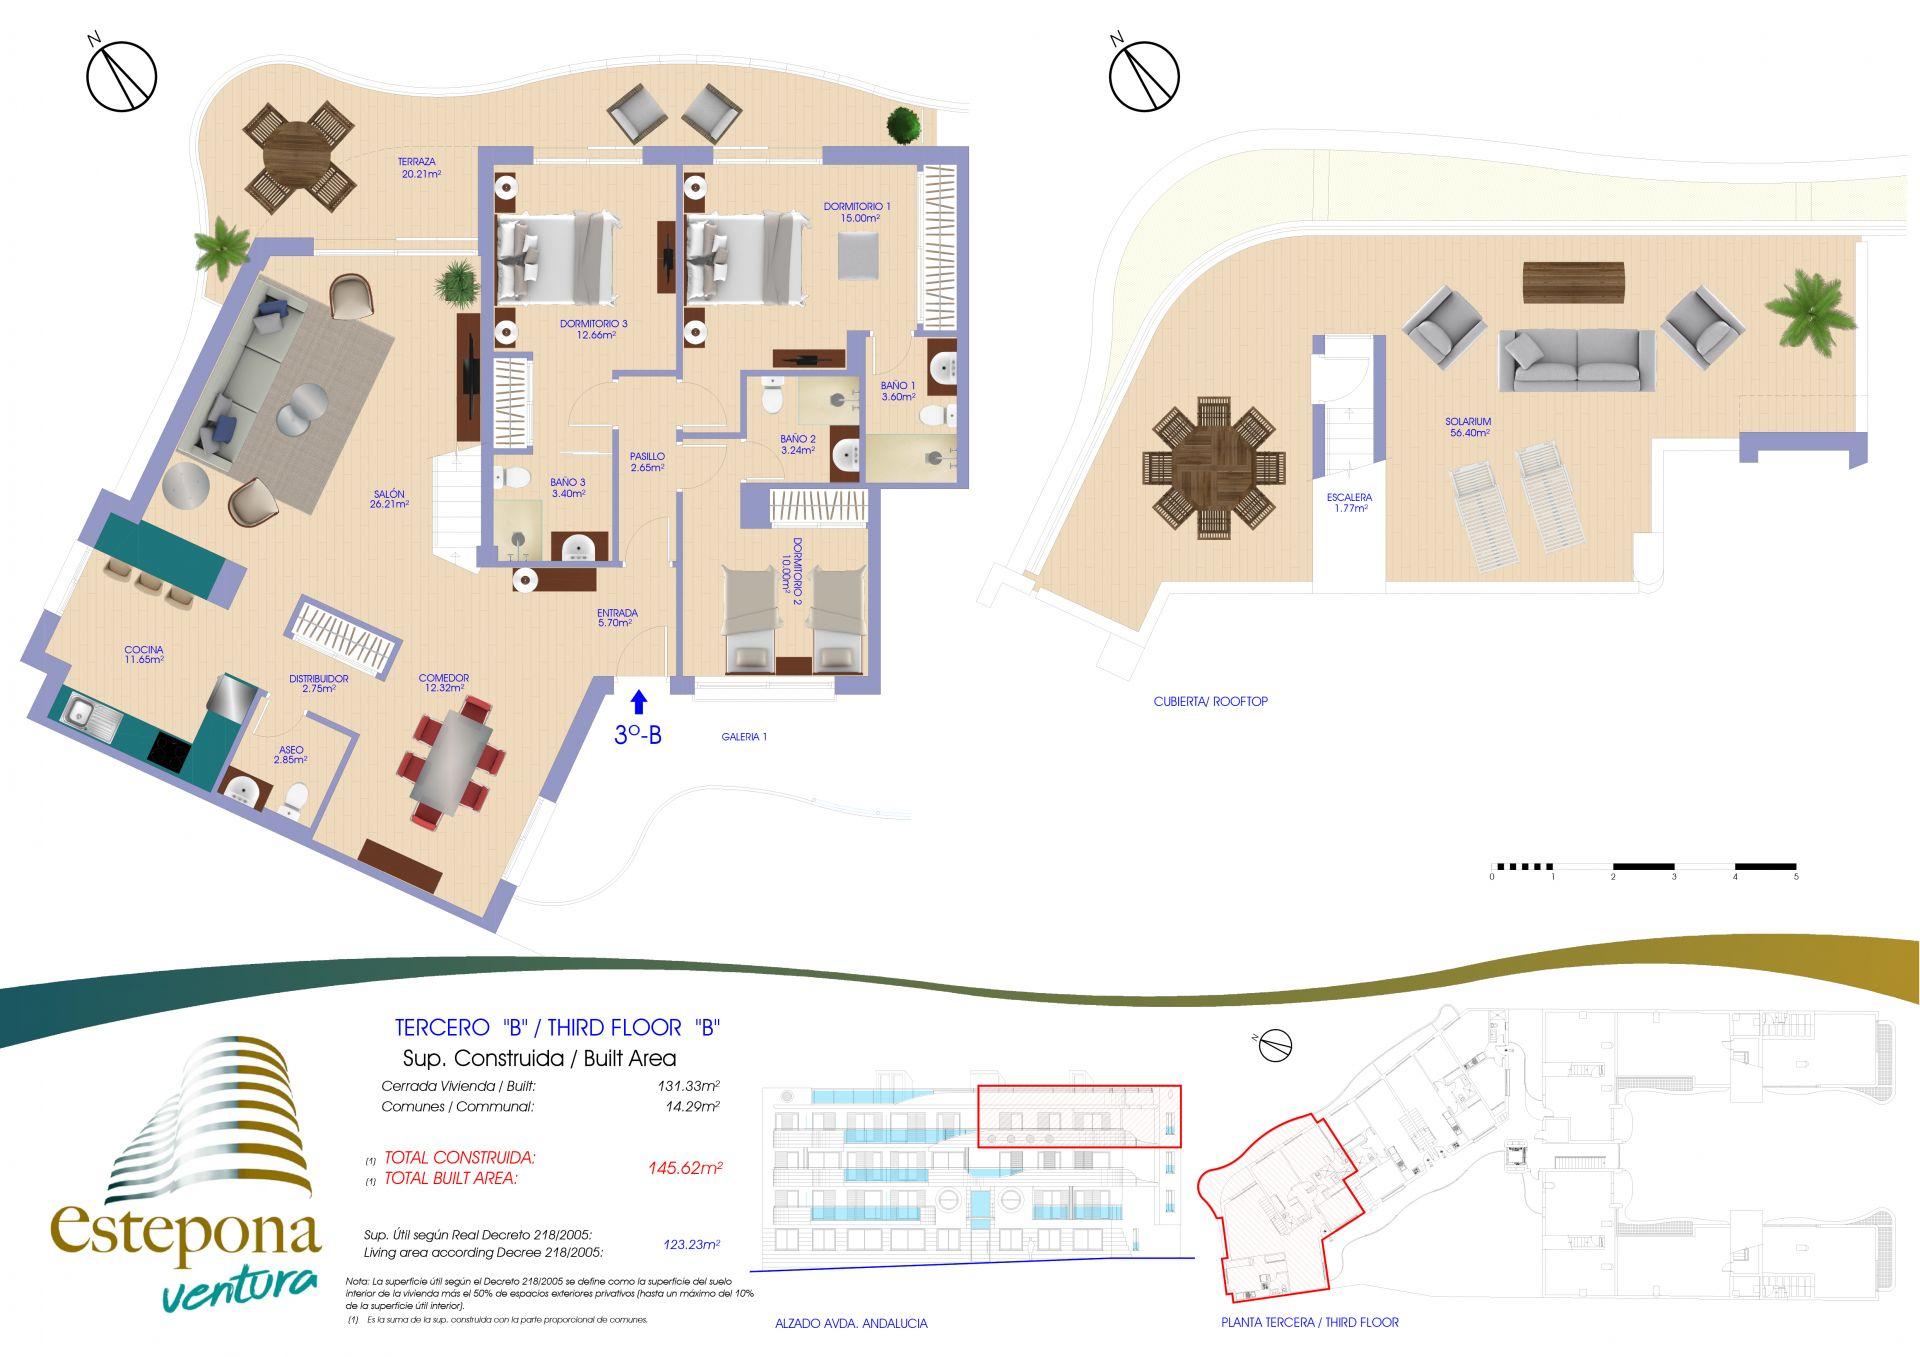 20201221 3º B  - Ventura Estepona | Compra de casa en Estepona